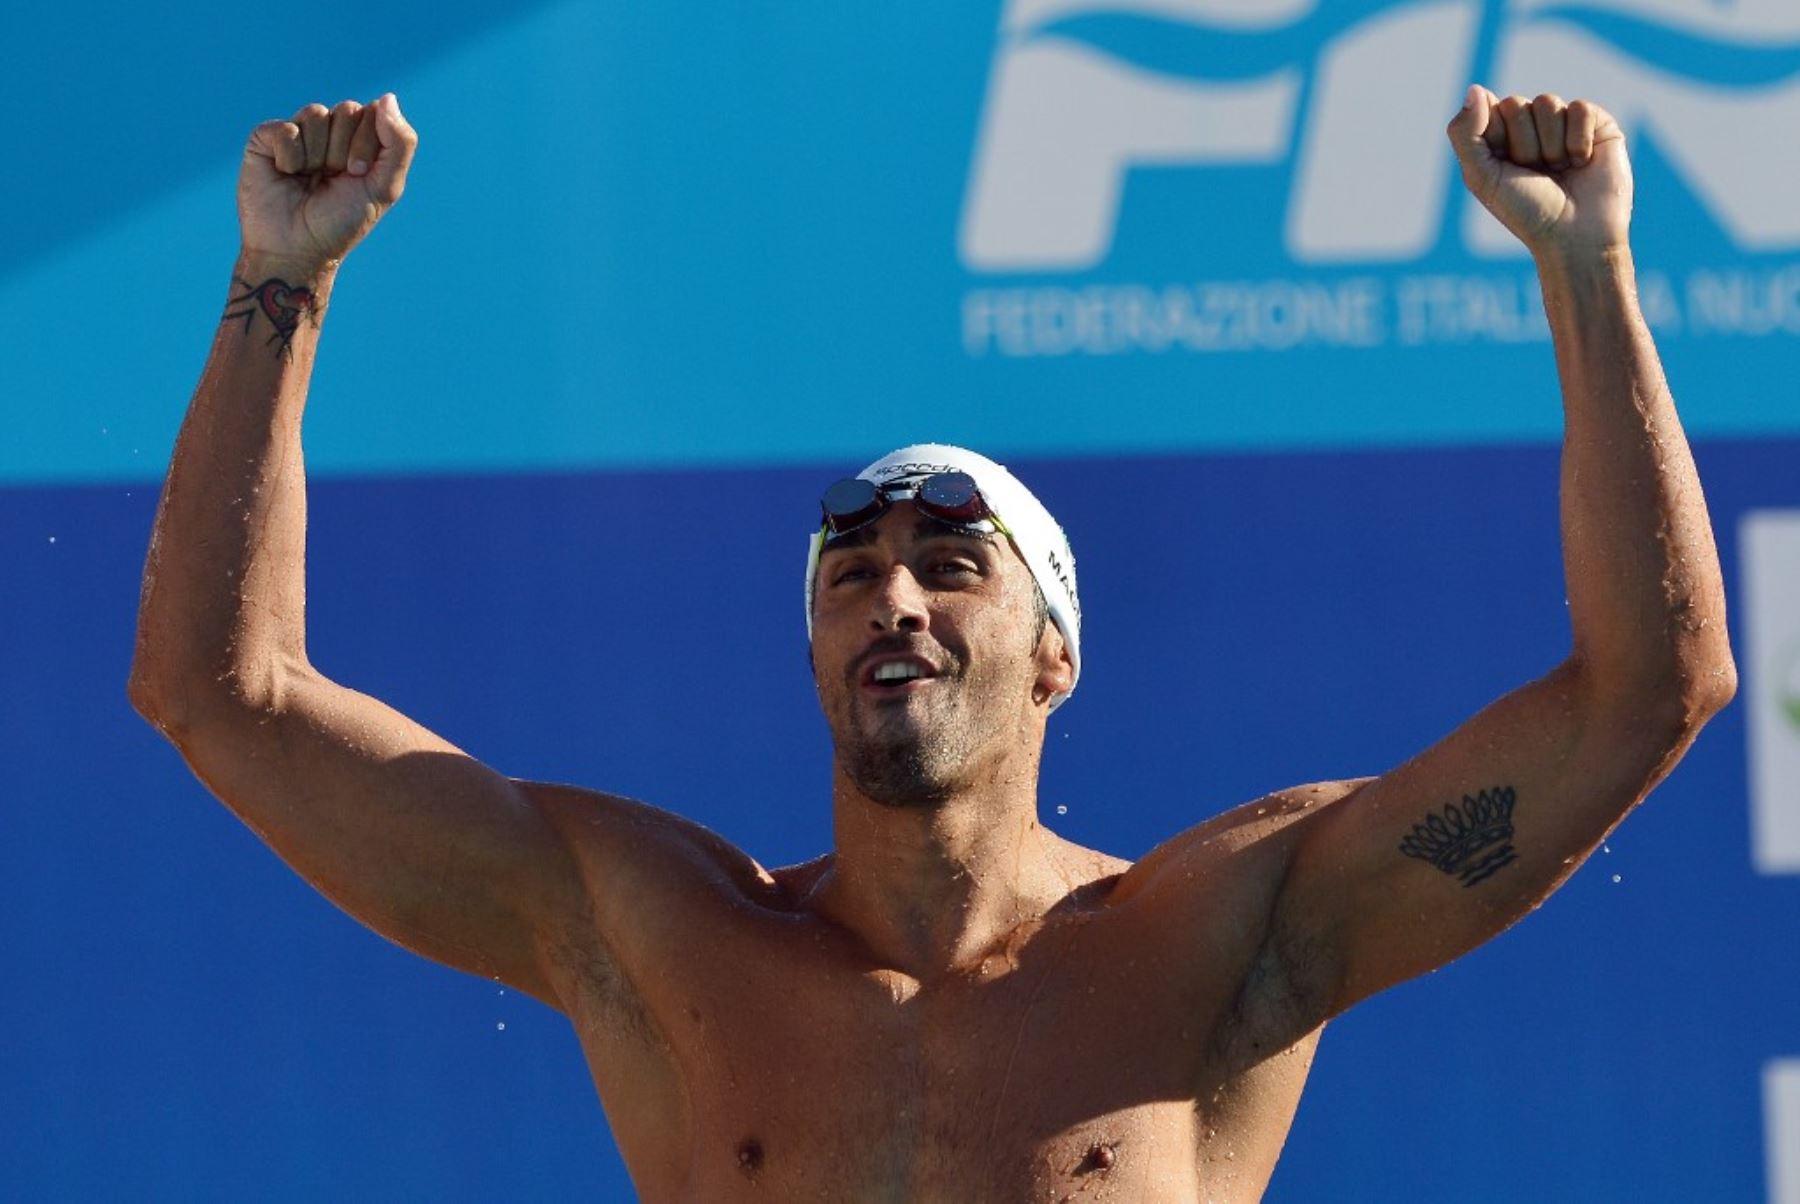 El Tribunal Arbitral del Deporte (TAS) anunció este jueves la anulación de la suspensión de cuatro años por dopaje del italiano Filippo Magnini, que fue doble campeón del mundo de 100 metros libres, ahora retirado.